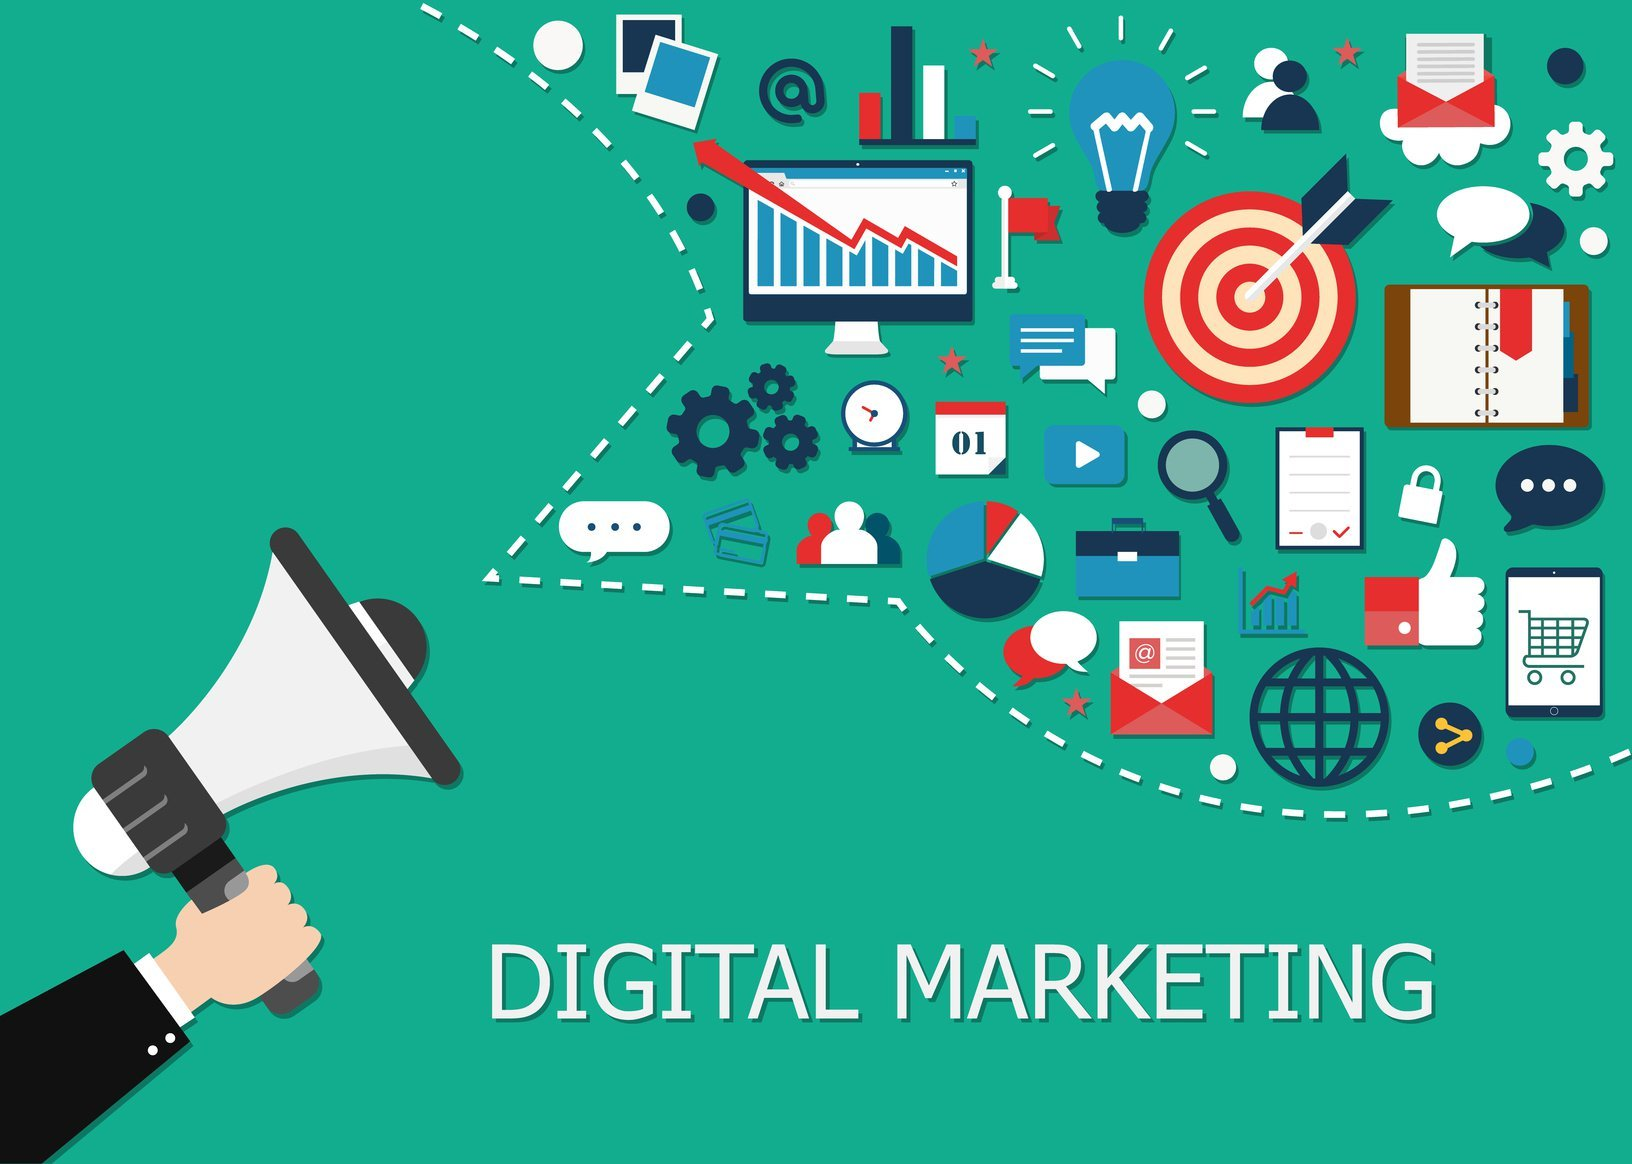 digital marketing age geek - HD1500×1070